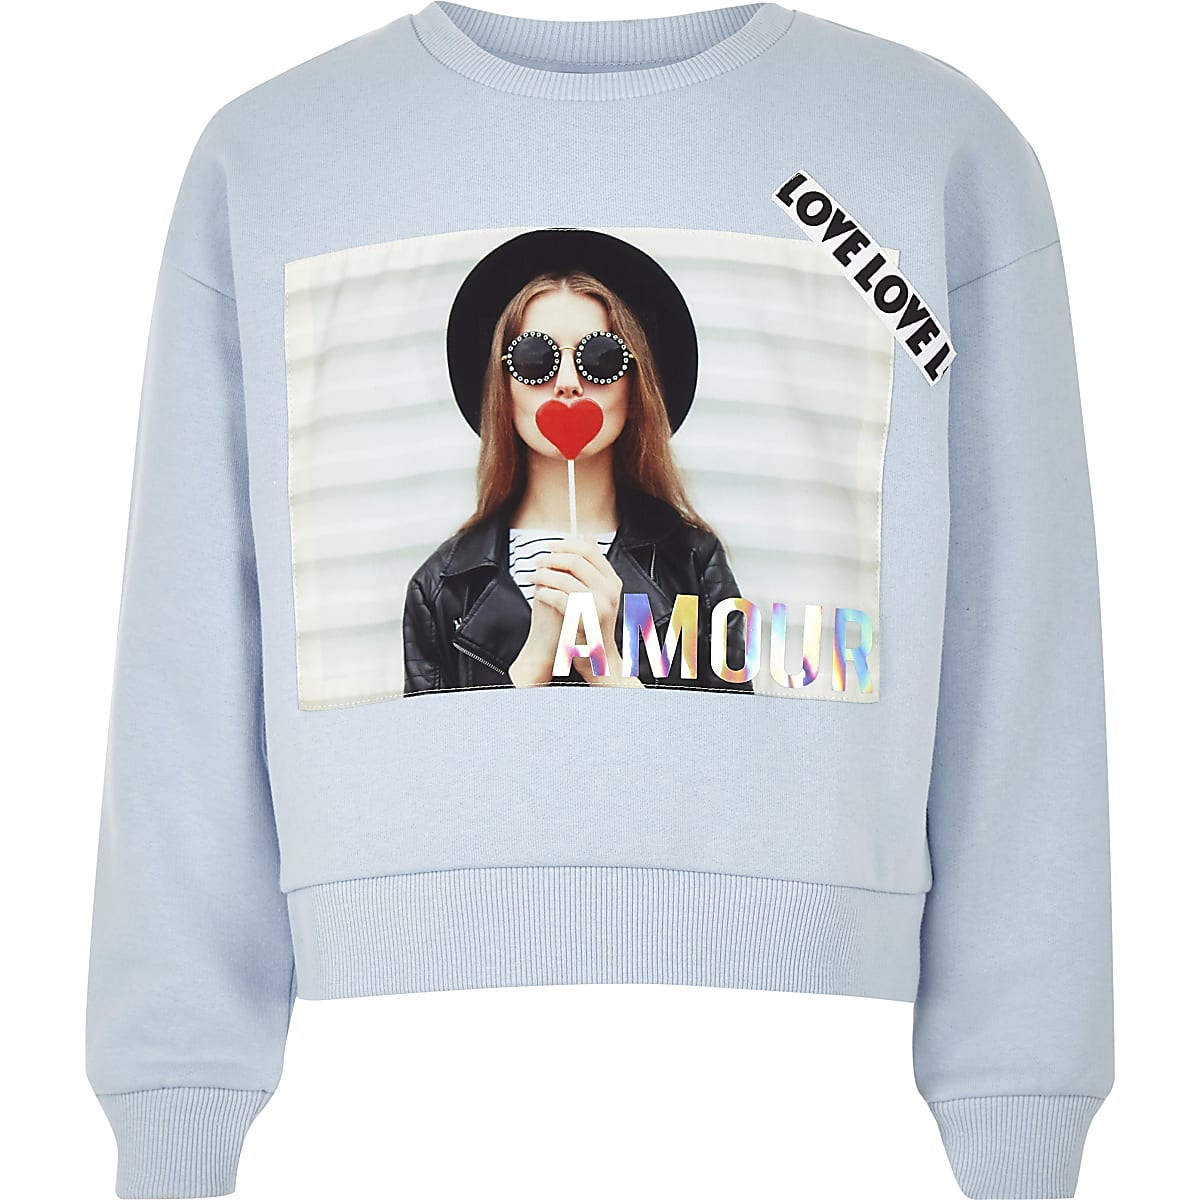 Sweat-shirt pour fille bleu avec texte « Amour »